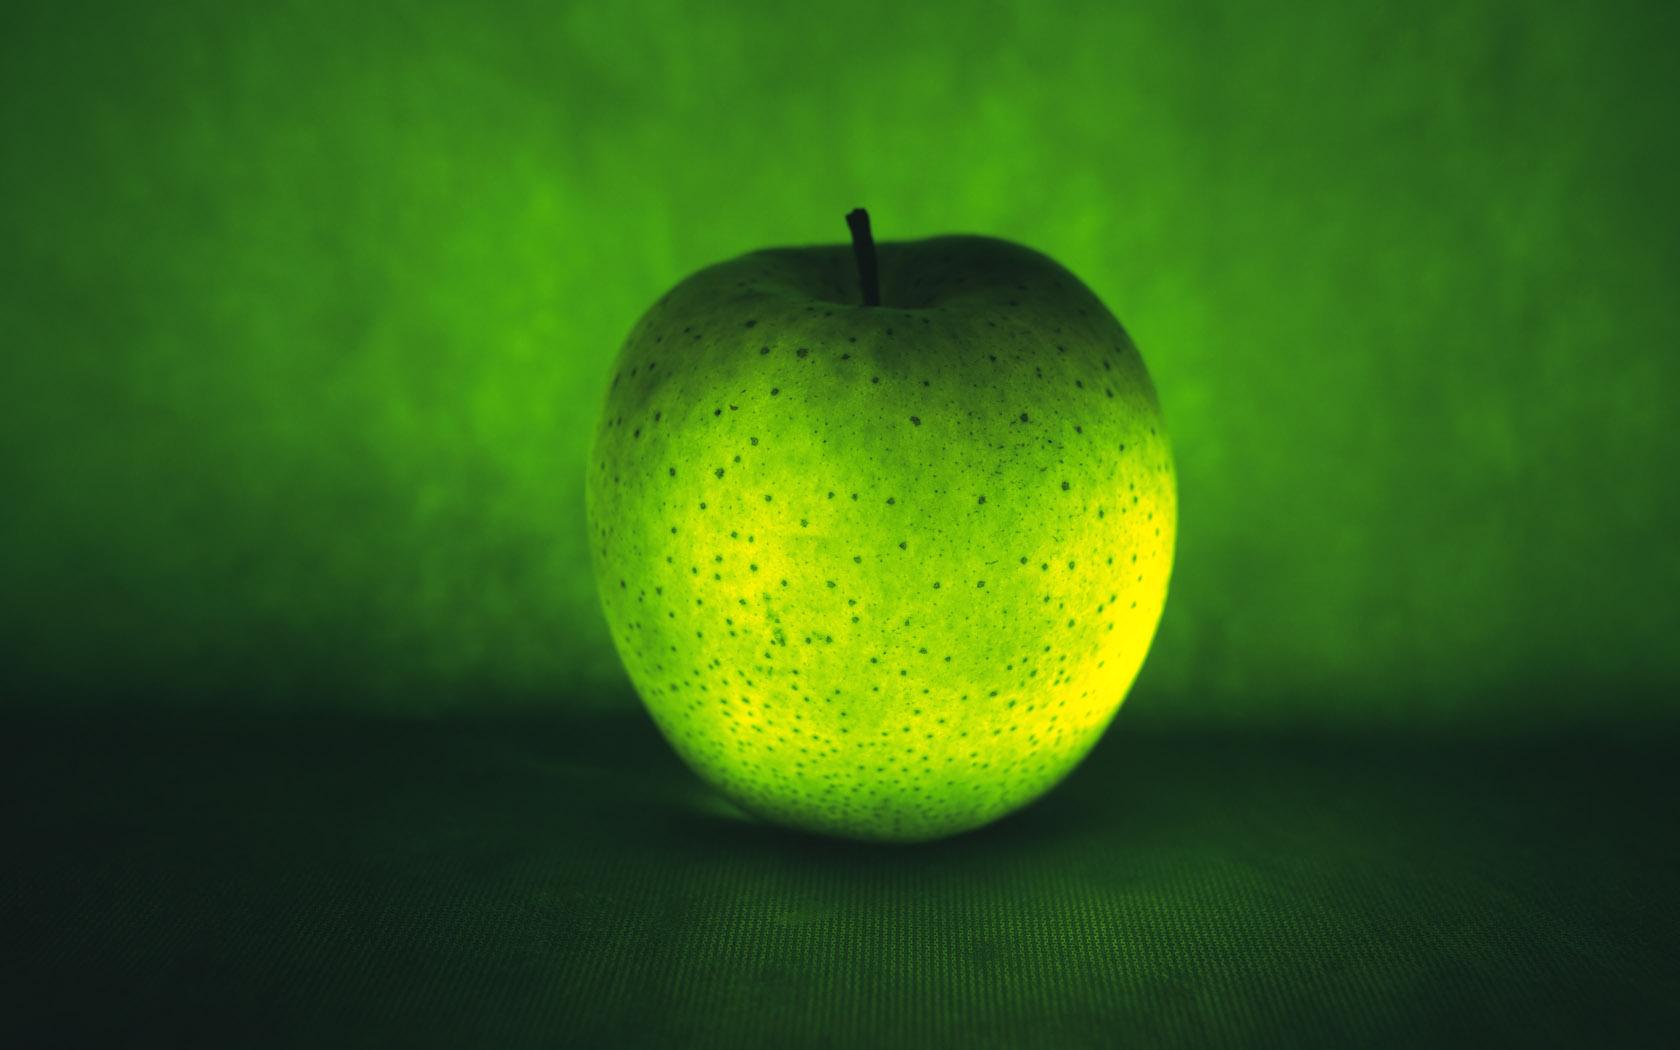 green apple computer wallpaper 61927